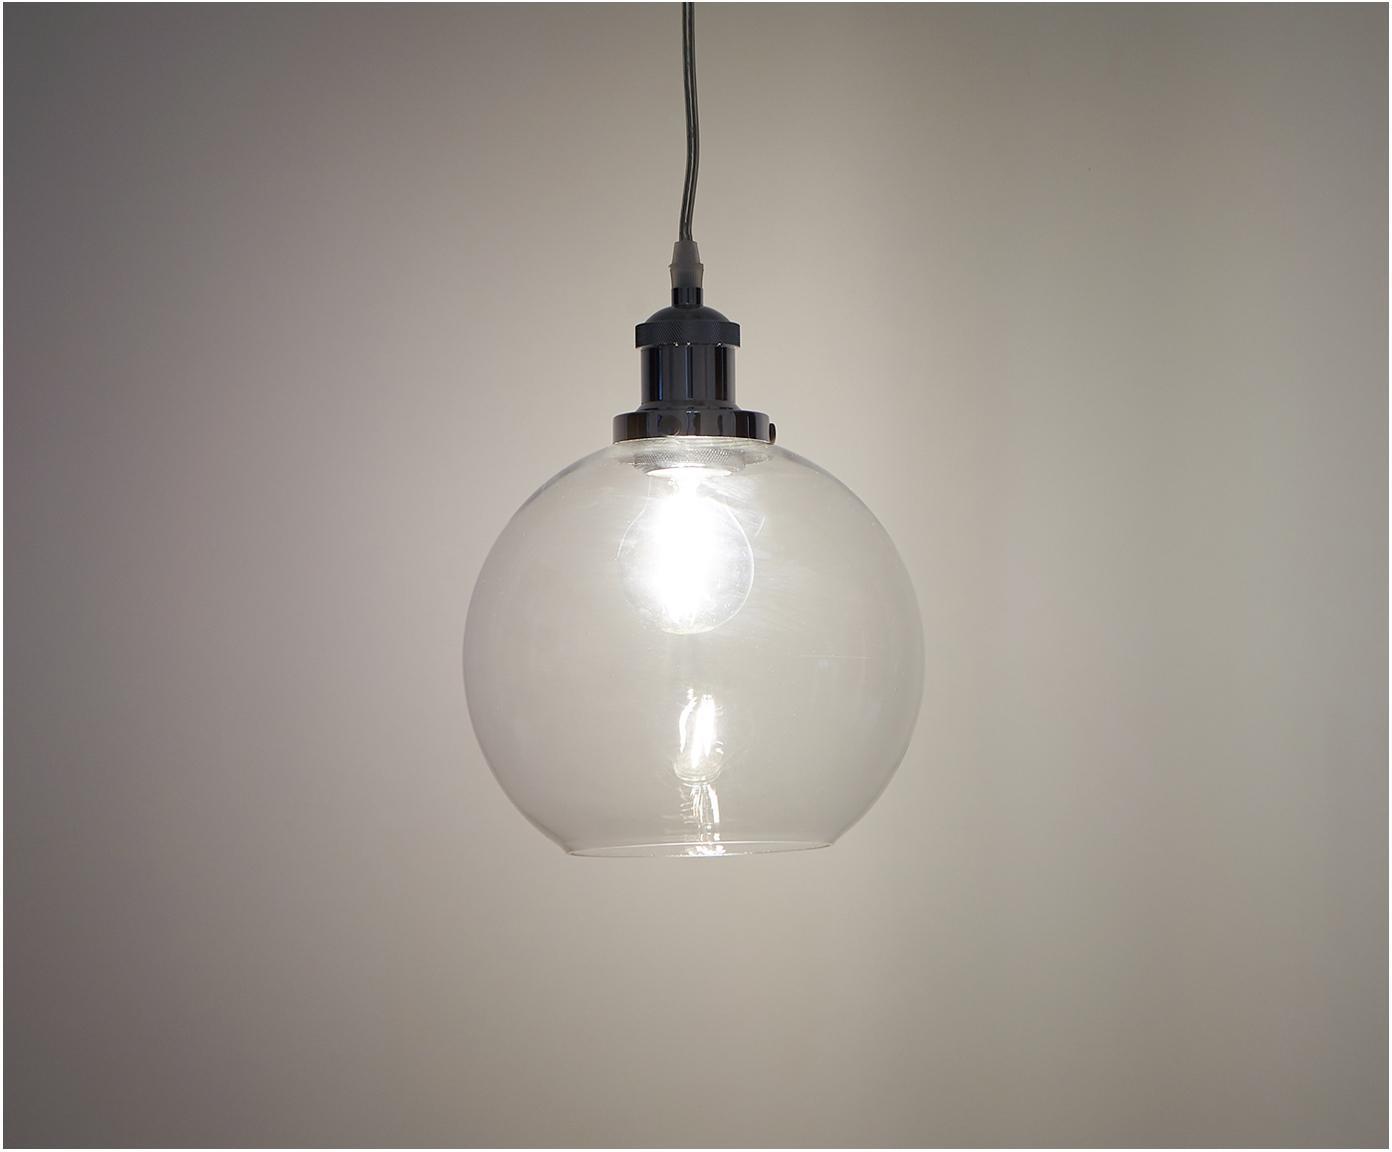 Malé závěsné svítidlo ze skla New York Loft, Chromová, transparentní